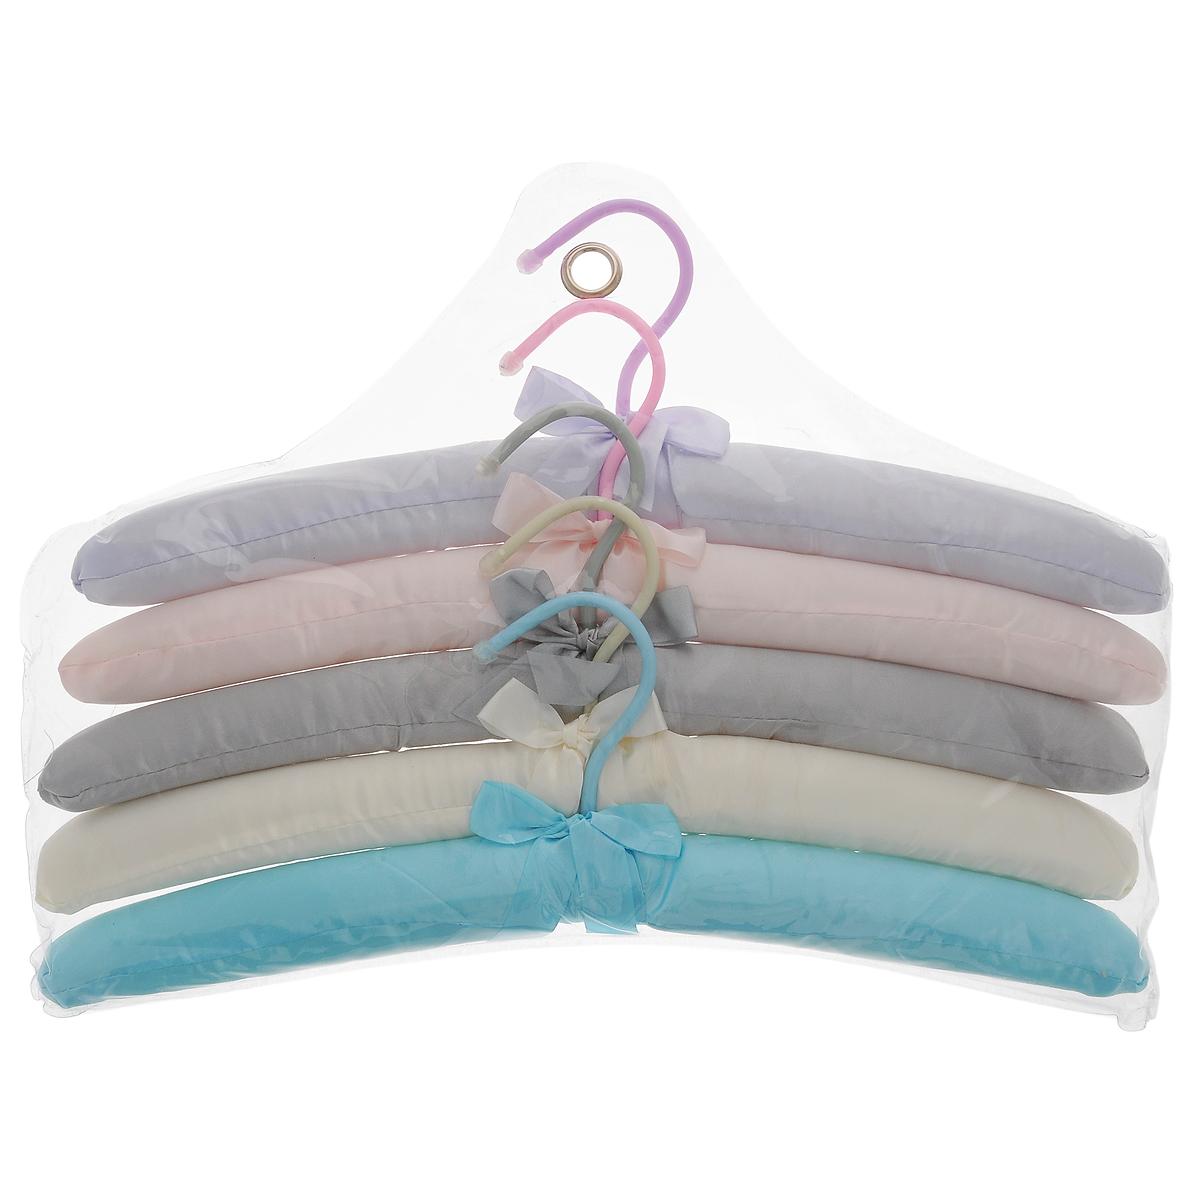 Набор вешалок Flatel Версаль, 5 штFWM01Набор Flatel Версаль, выполненный из прочного металла и дерева с разноцветной сатиновой отделкой, состоит из пяти вешалок. Вешалка - это незаменимая вещь для того, чтобы ваша одежда всегда оставалась в хорошем состоянии. Комплектация: 5 шт. Размер вешалки: 39 см х 12 см х 3 см.